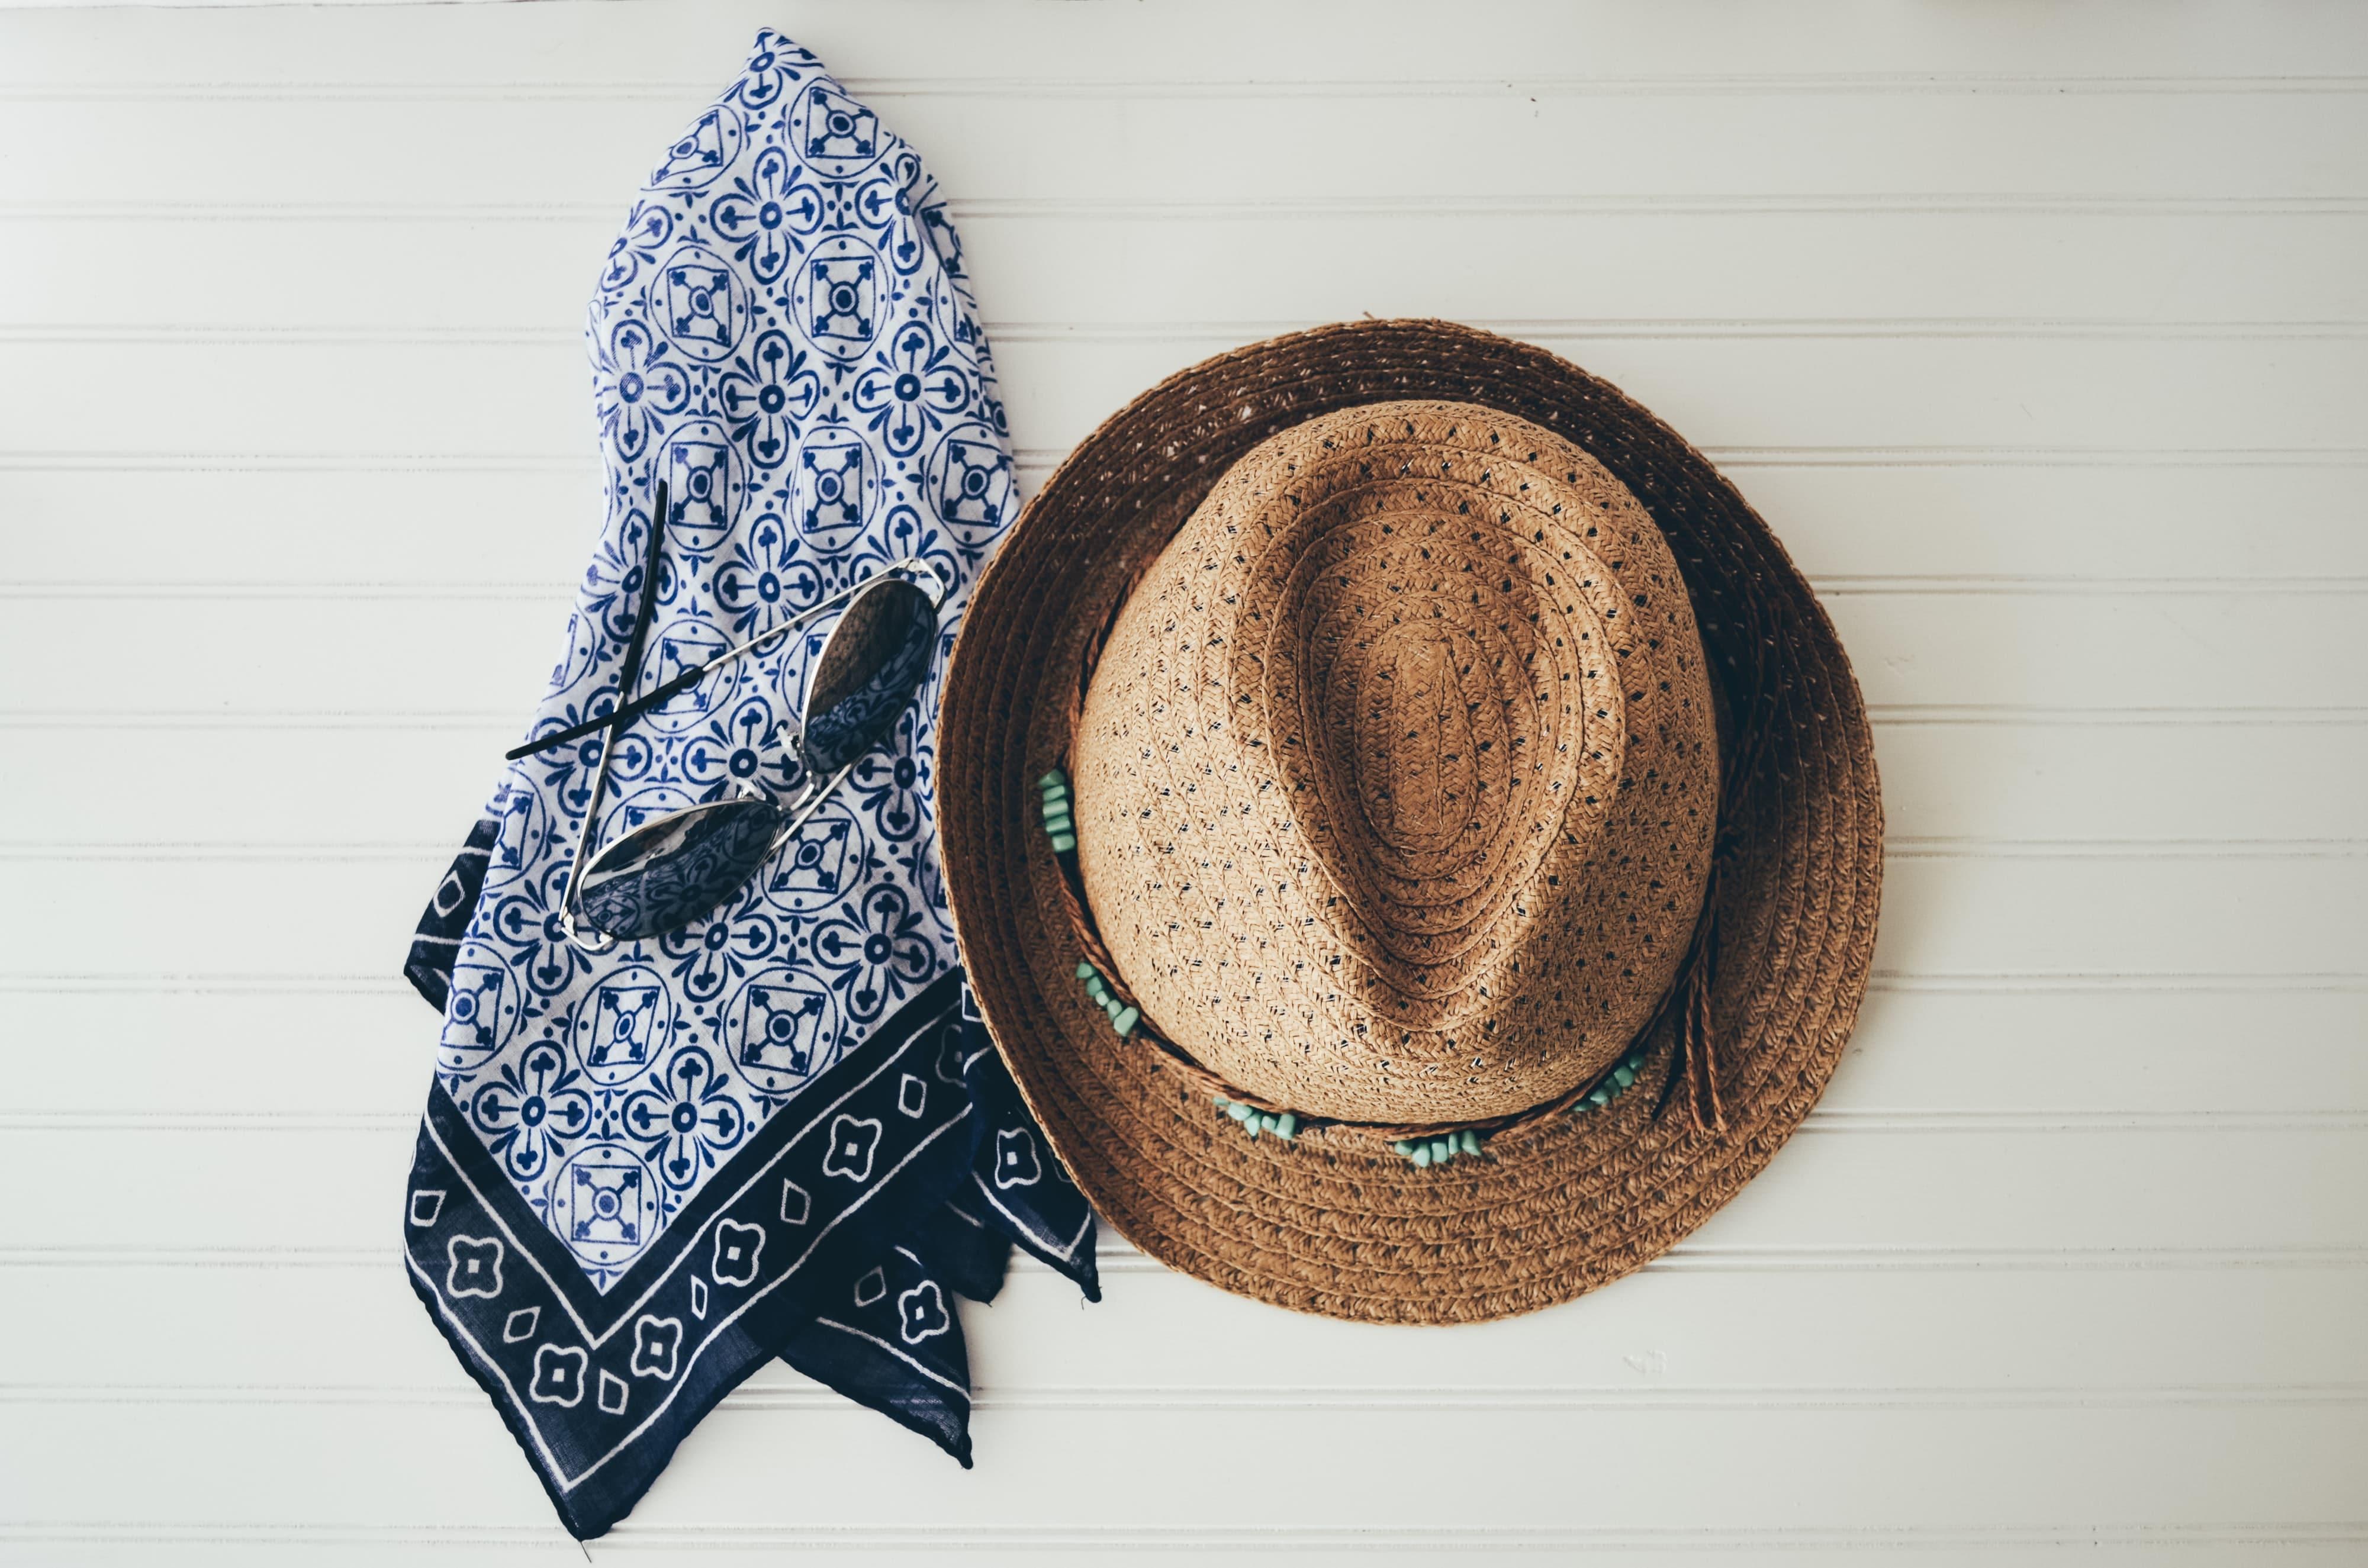 Comment remodeler un chapeau de paille? 1